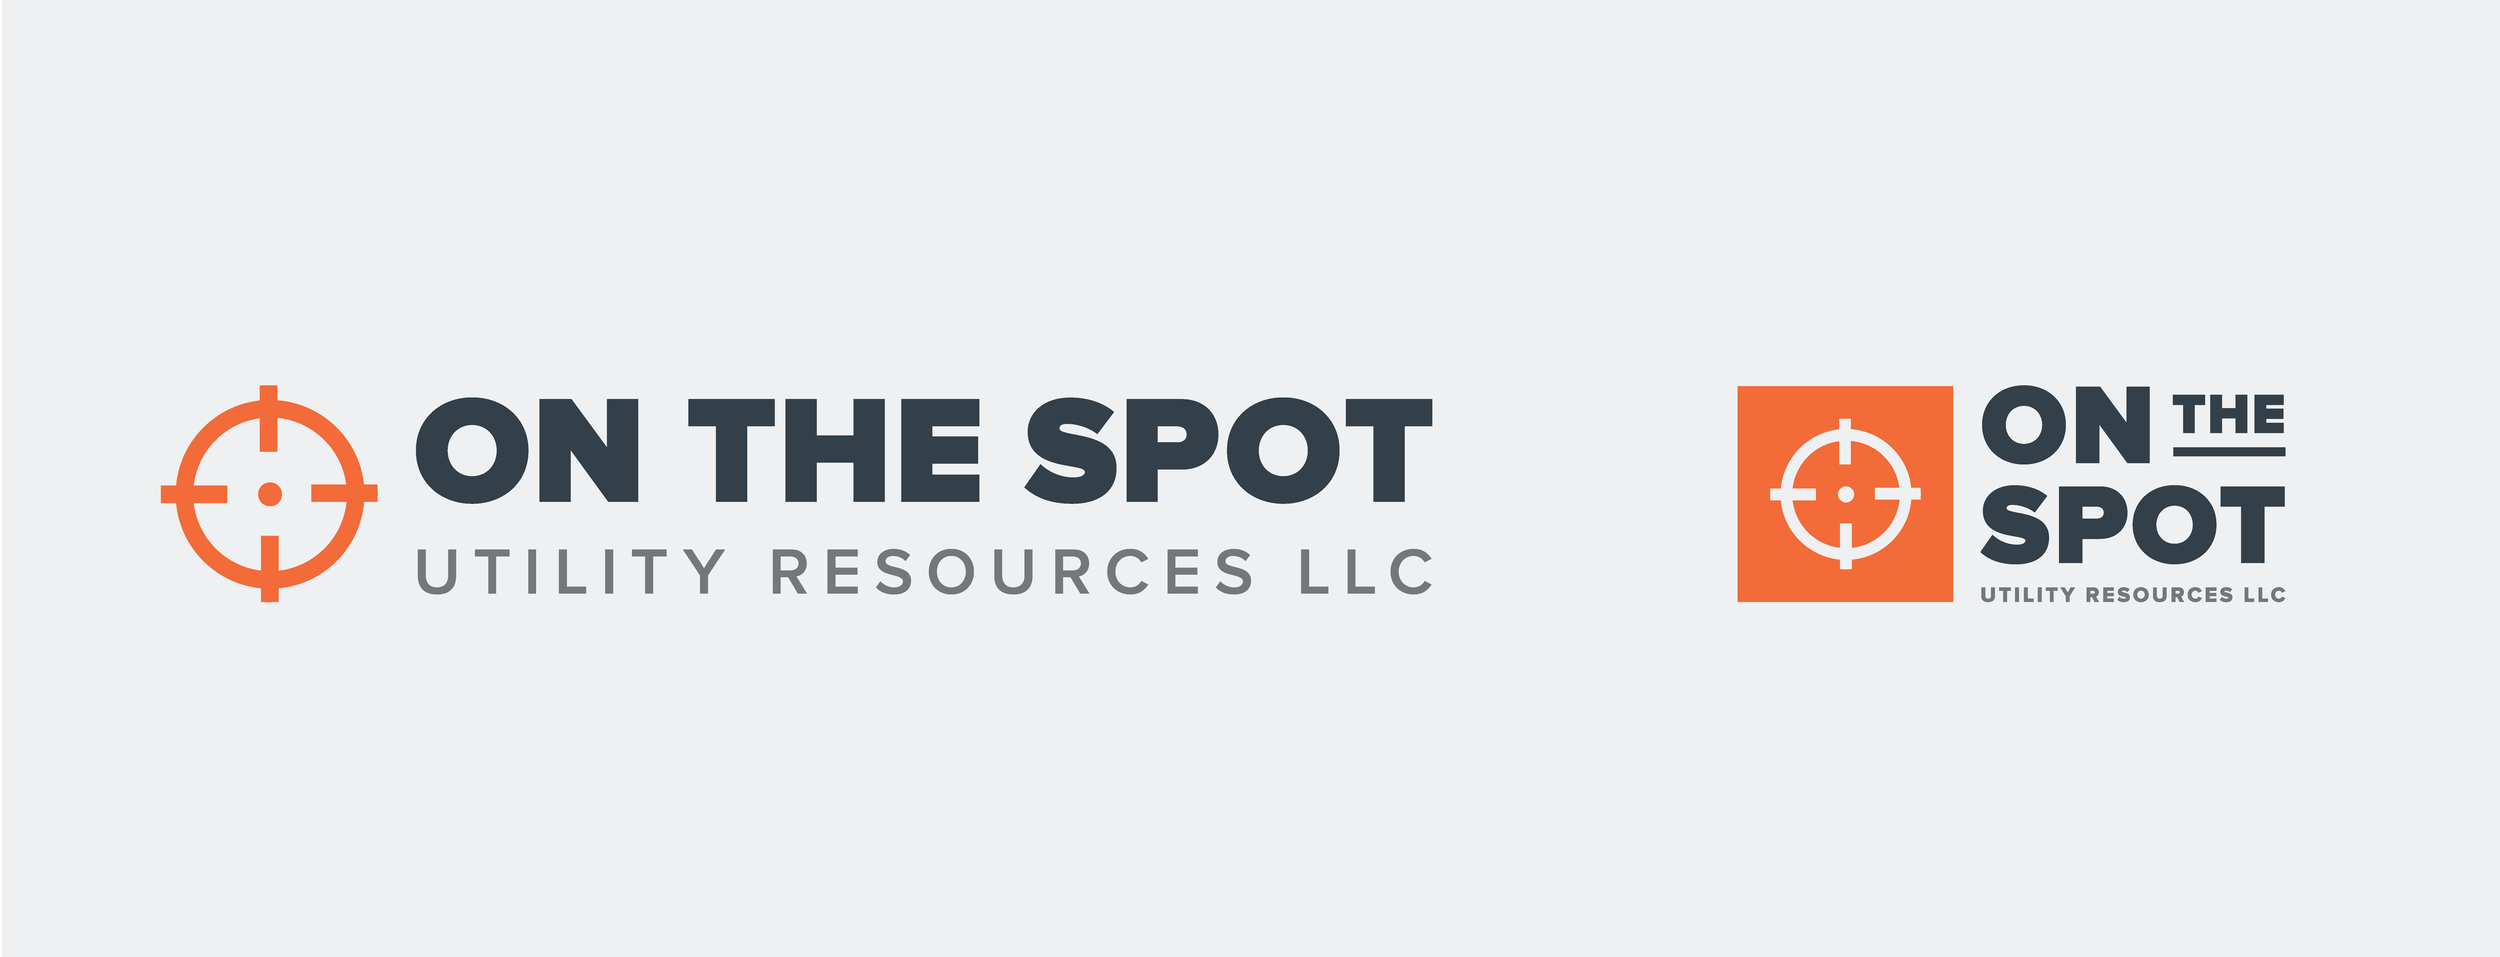 OntheSpot_Website-01.png